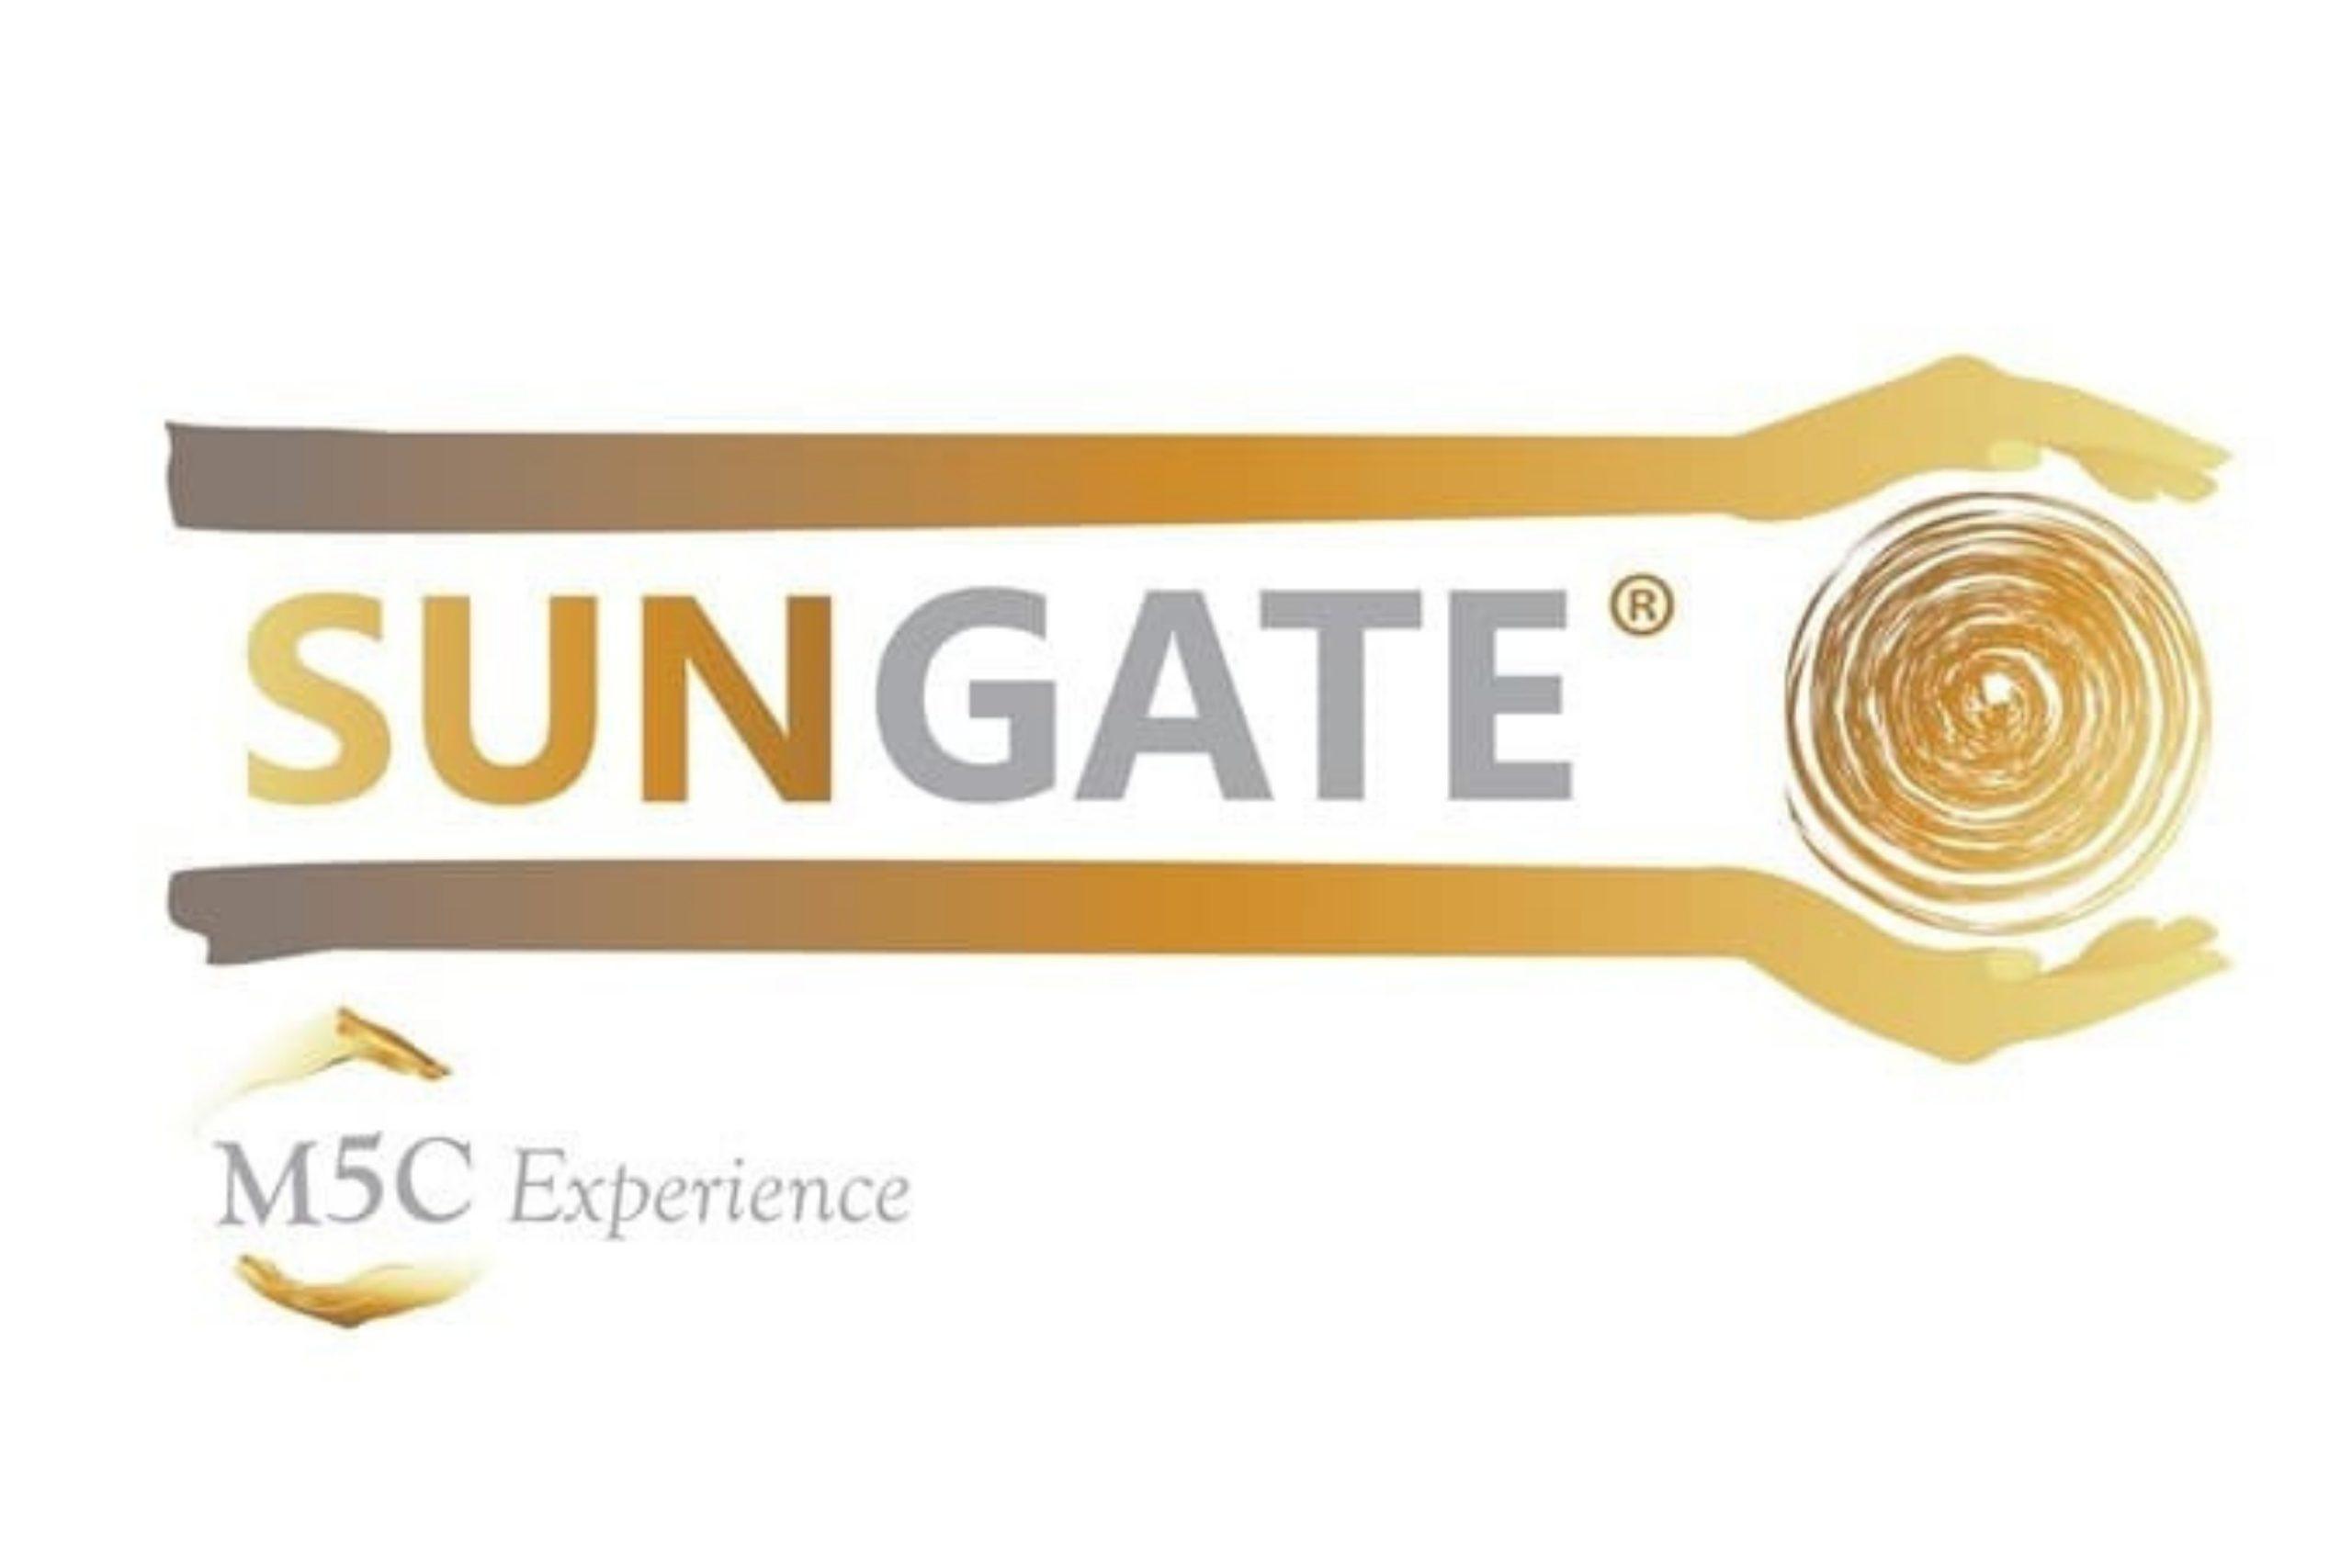 Sungate - L'expérience du M5C